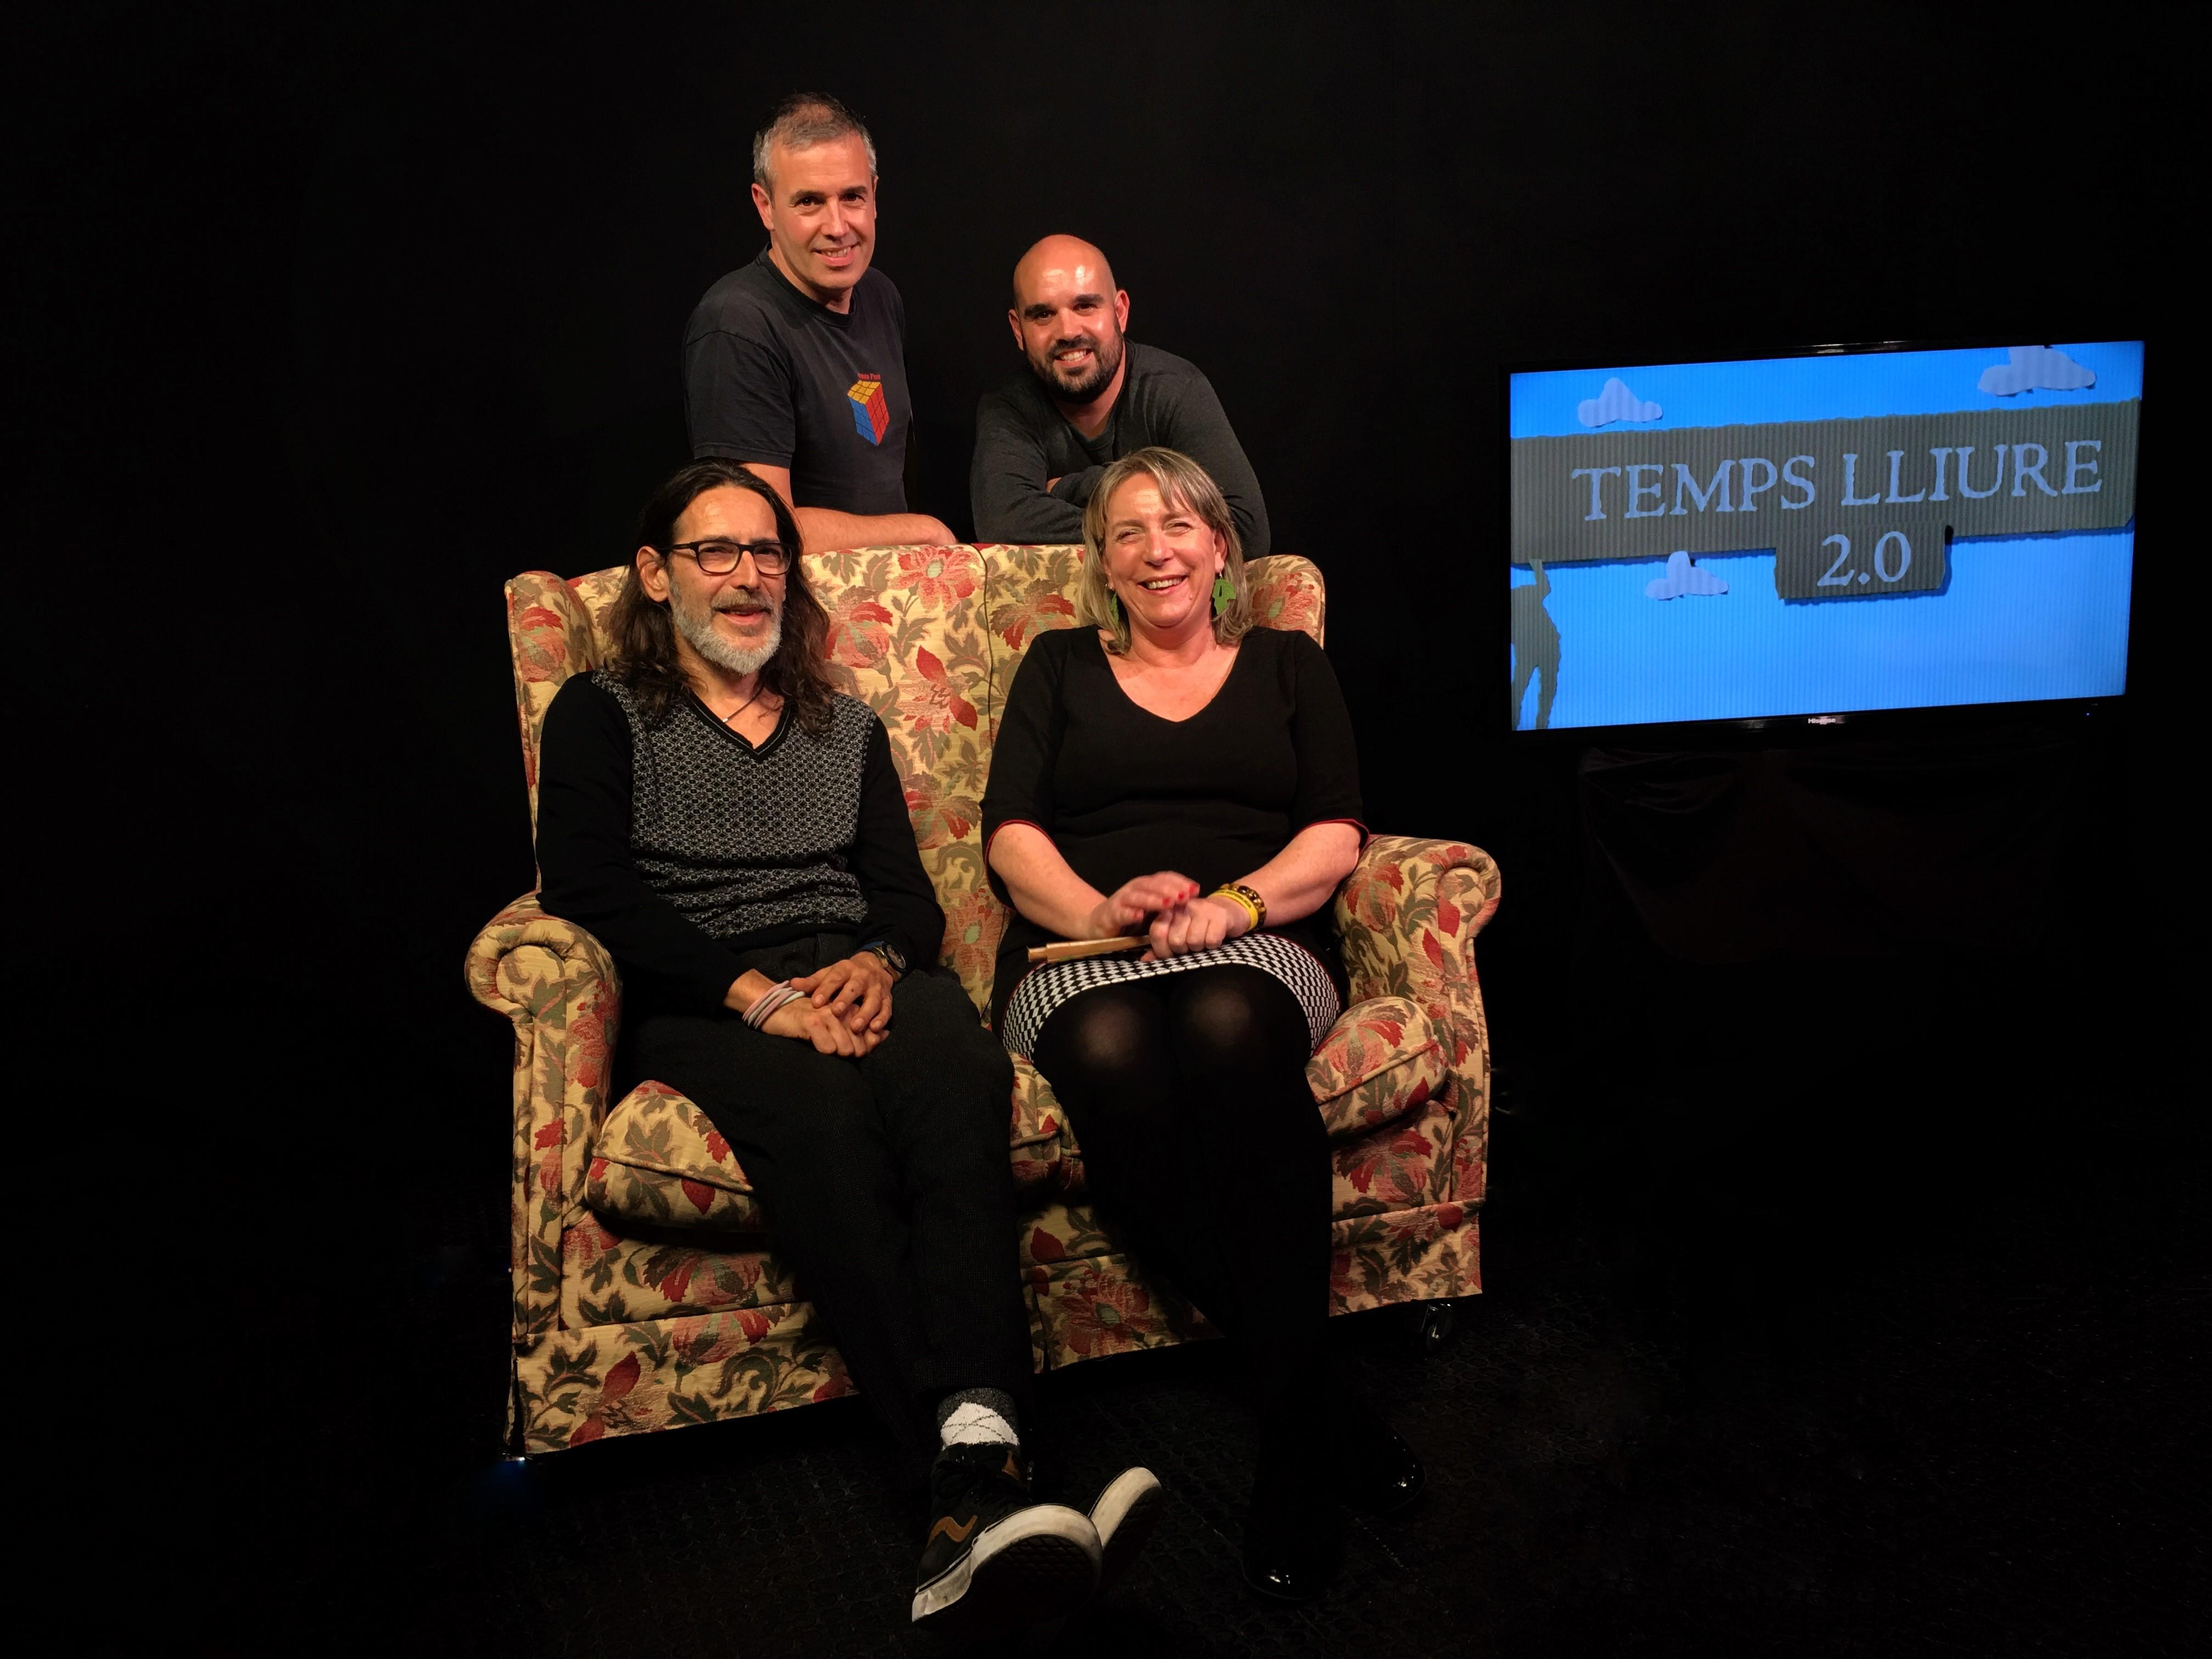 El programa 'Temps lliure' de la televisió del Vendrell d'aquesta setmana parlarà de les activitats que s'organitzen des de l'Àrea de Cultura